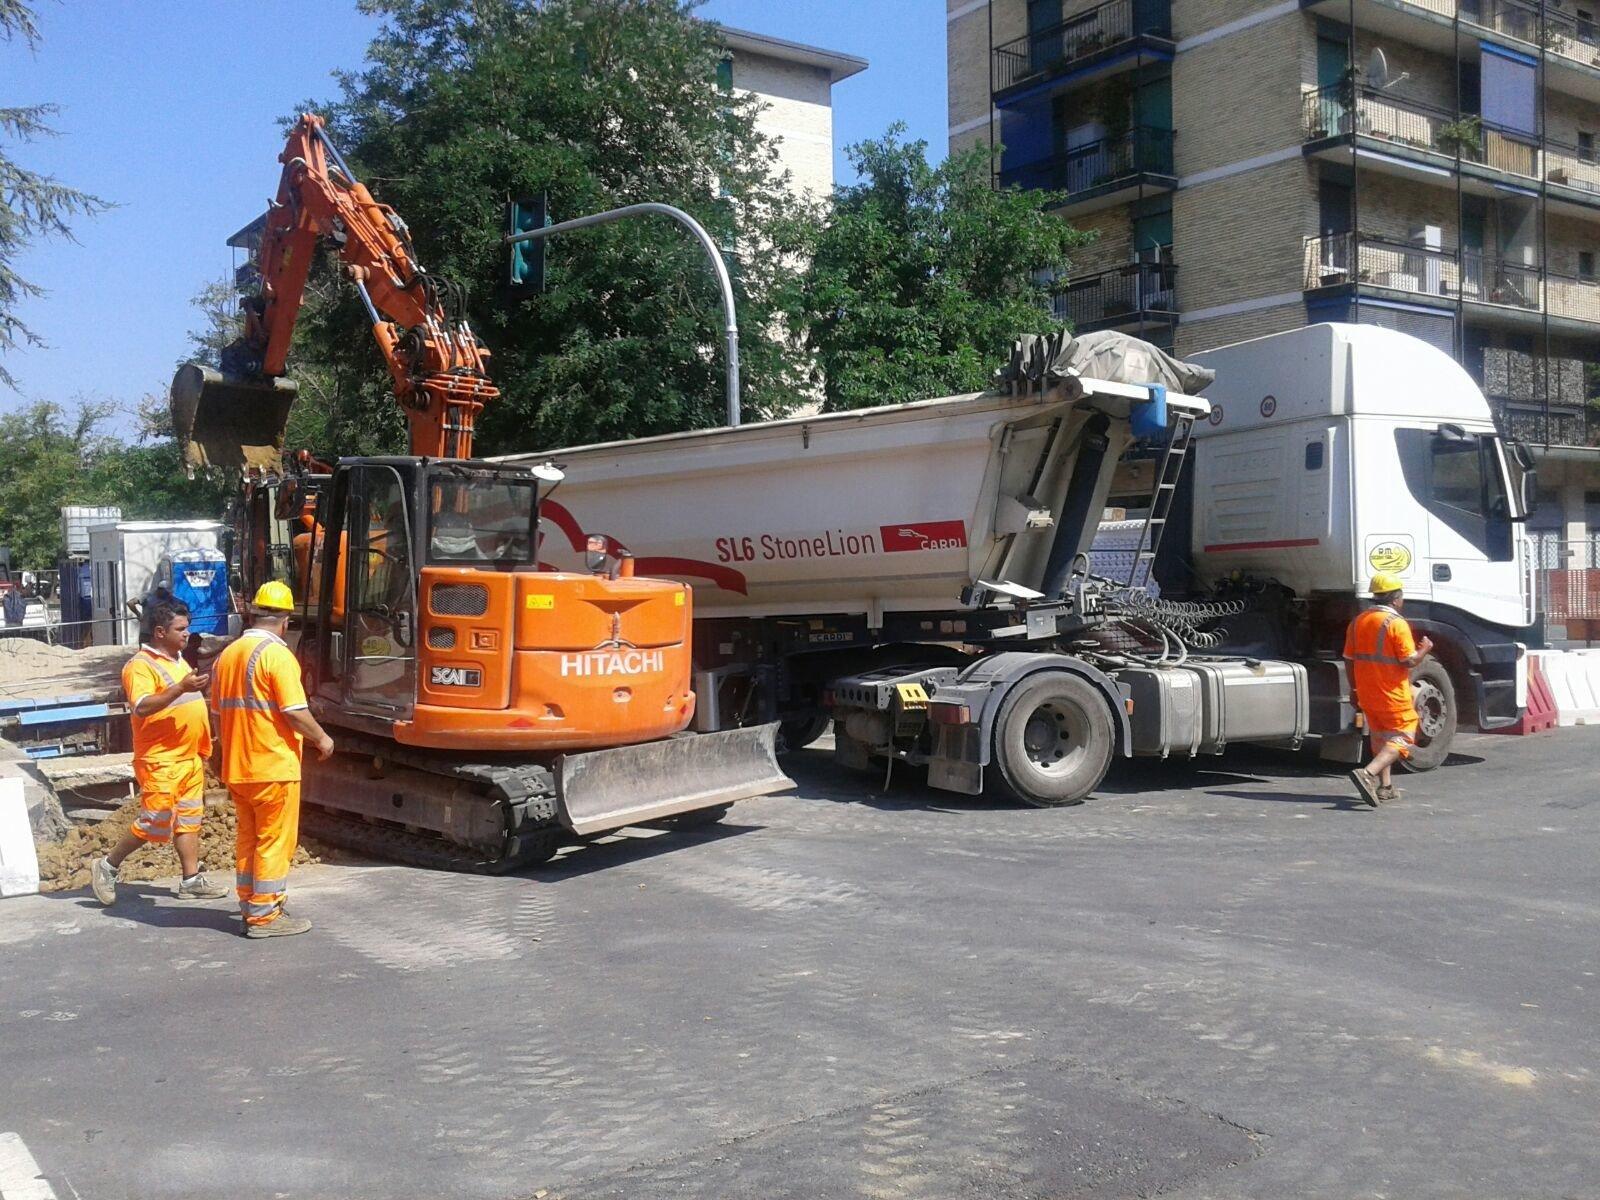 camion e gru sulla strada